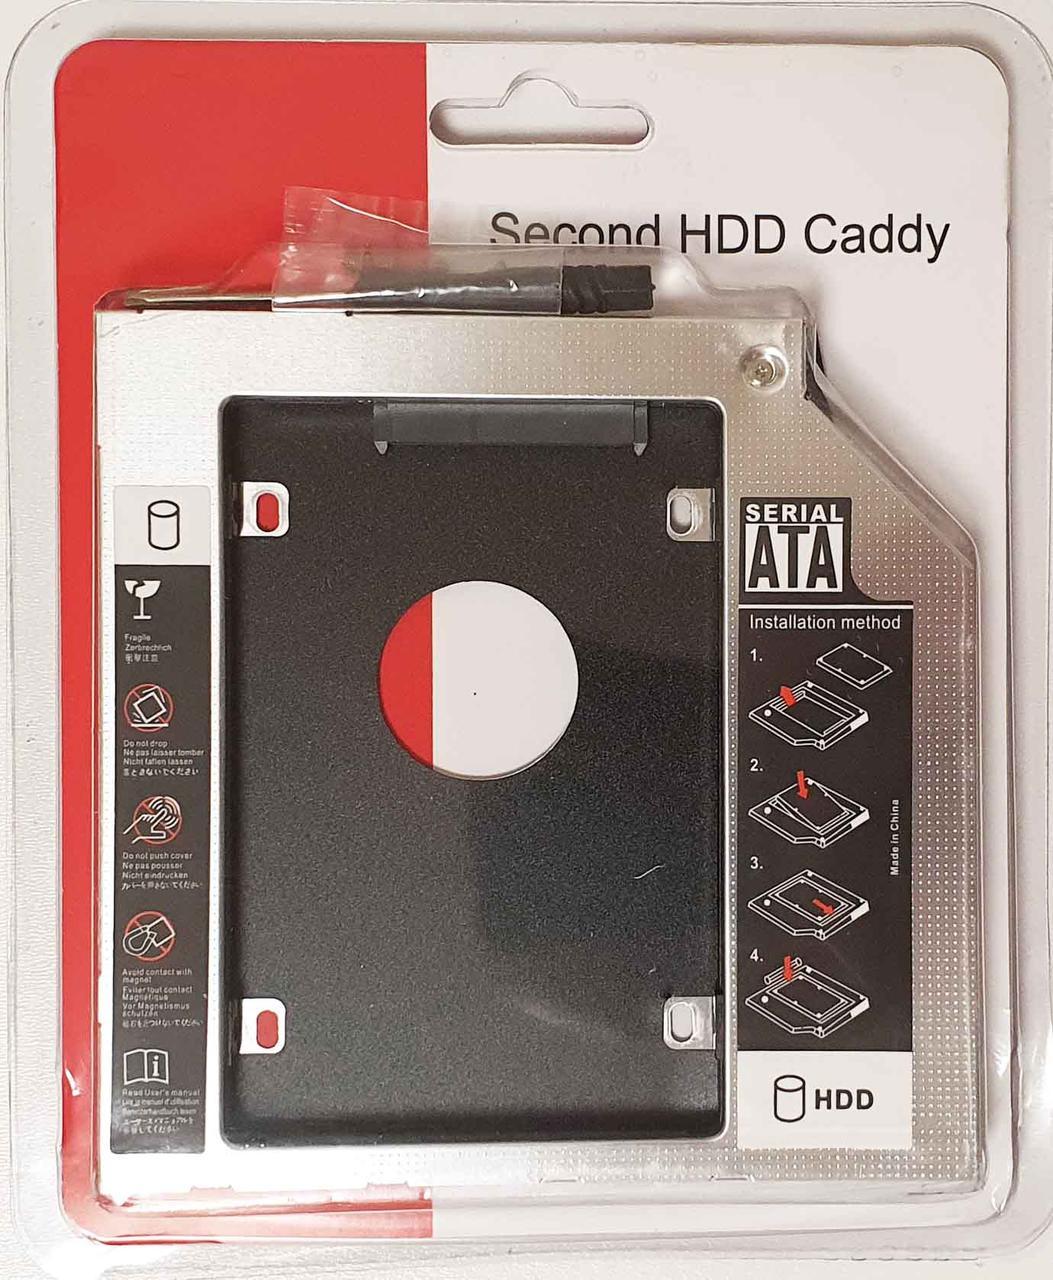 10 шт. Кишеня для установки другого жорсткого диска SATA у відсік DVD 12.7 мм SATA (optibay caddy) алюміній